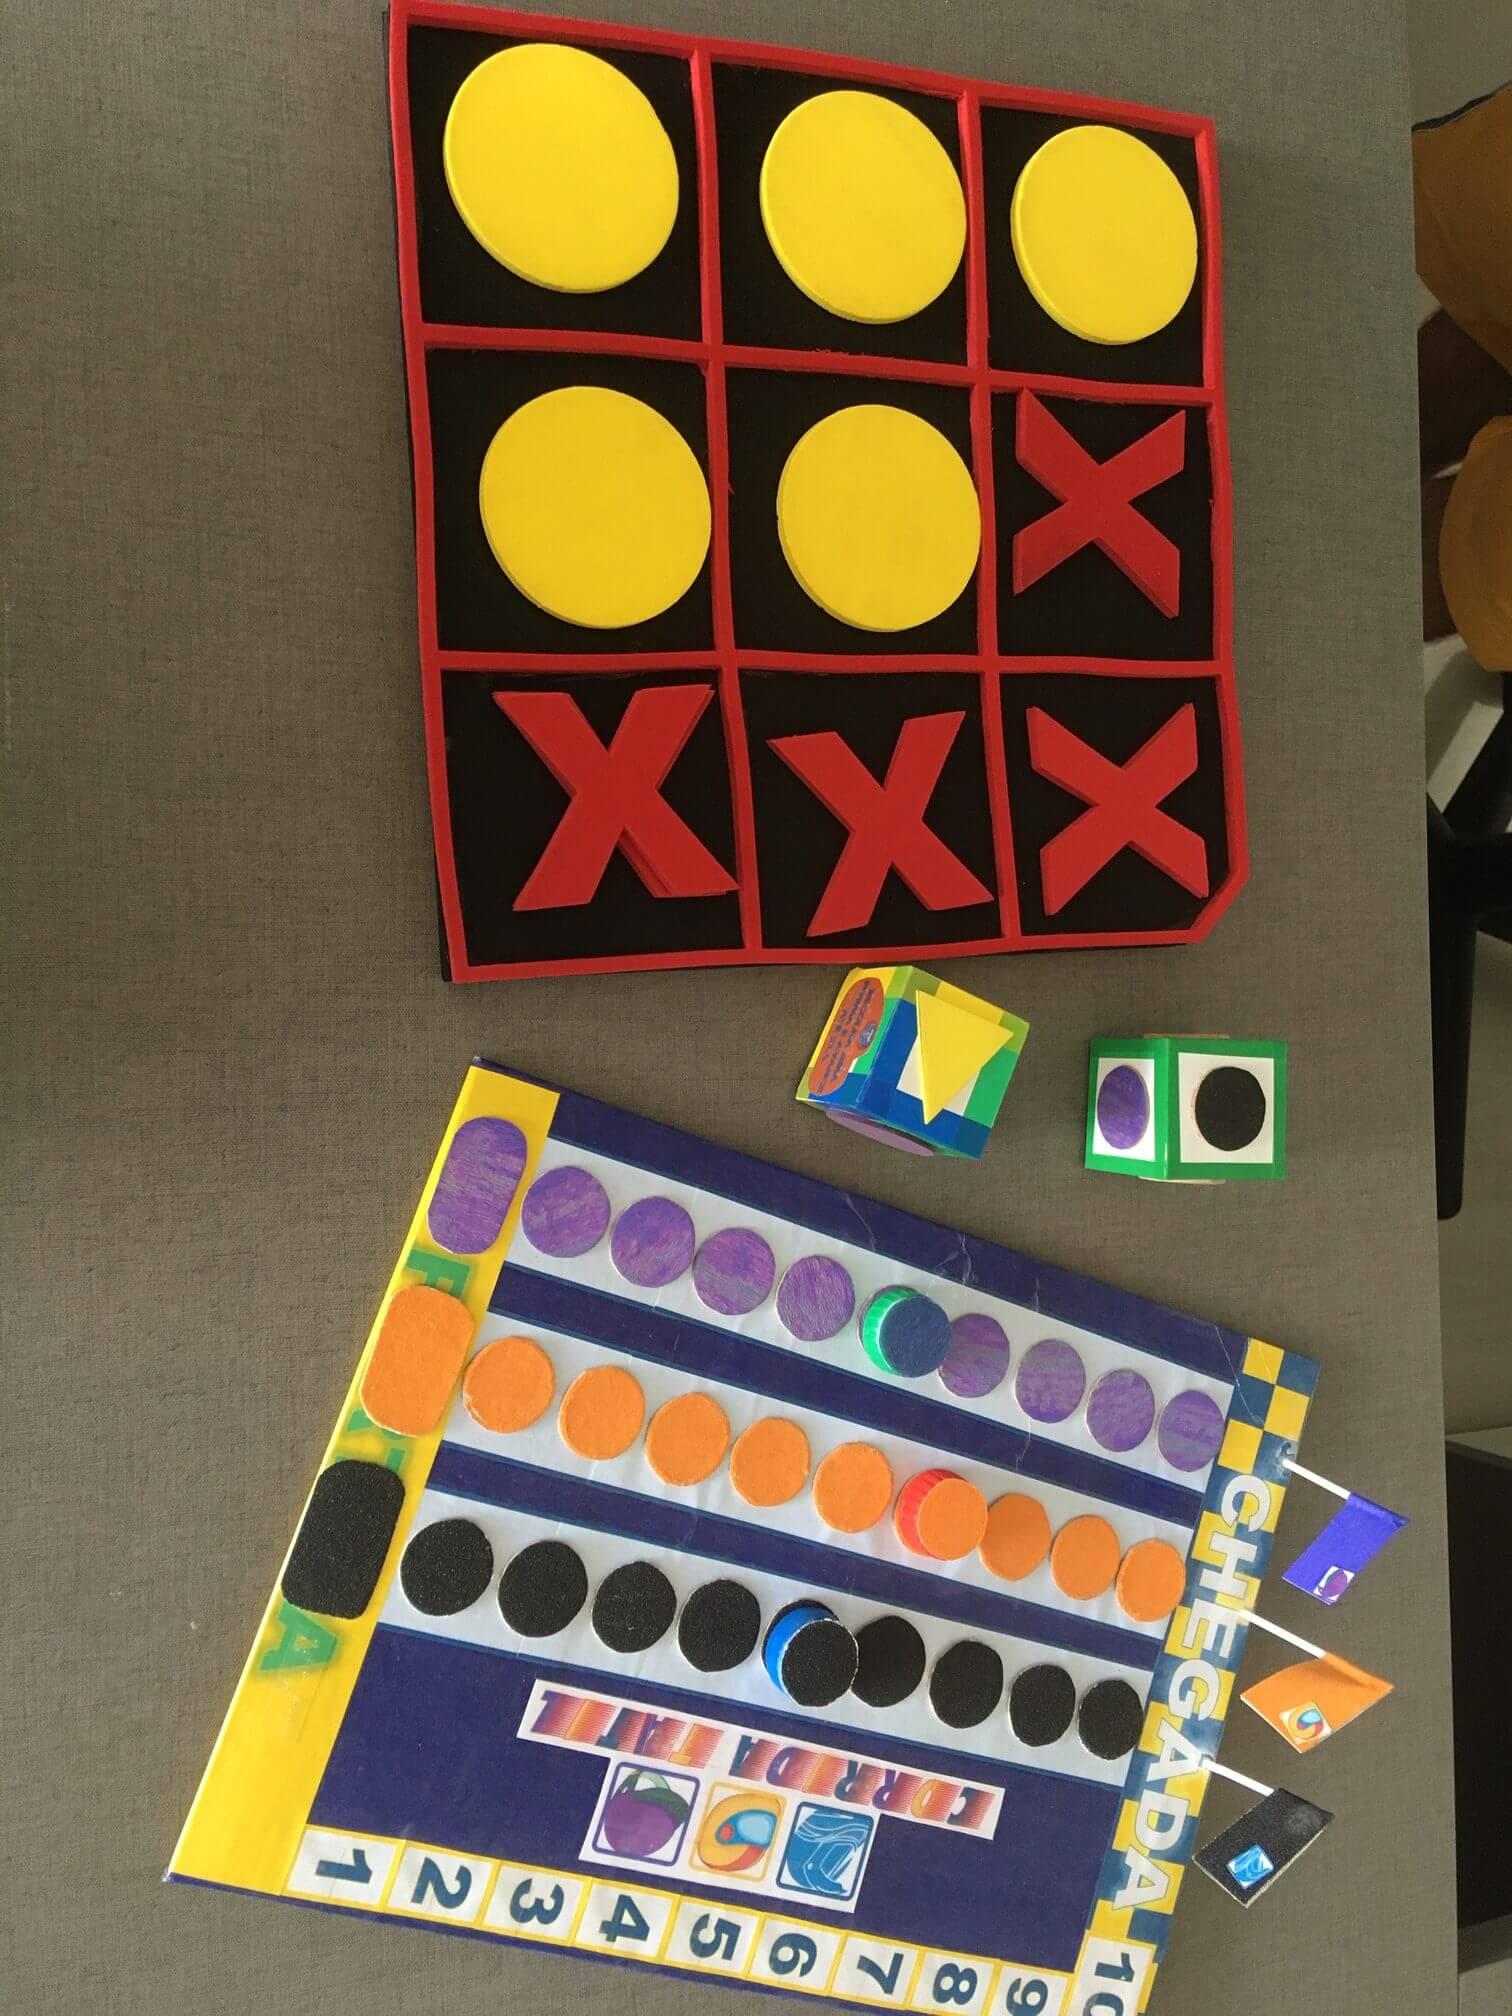 Imagem ilustrativa mostrando dois jogos adaptados para deficientes visuais e dois dados com texturas para jogos inclusivos.